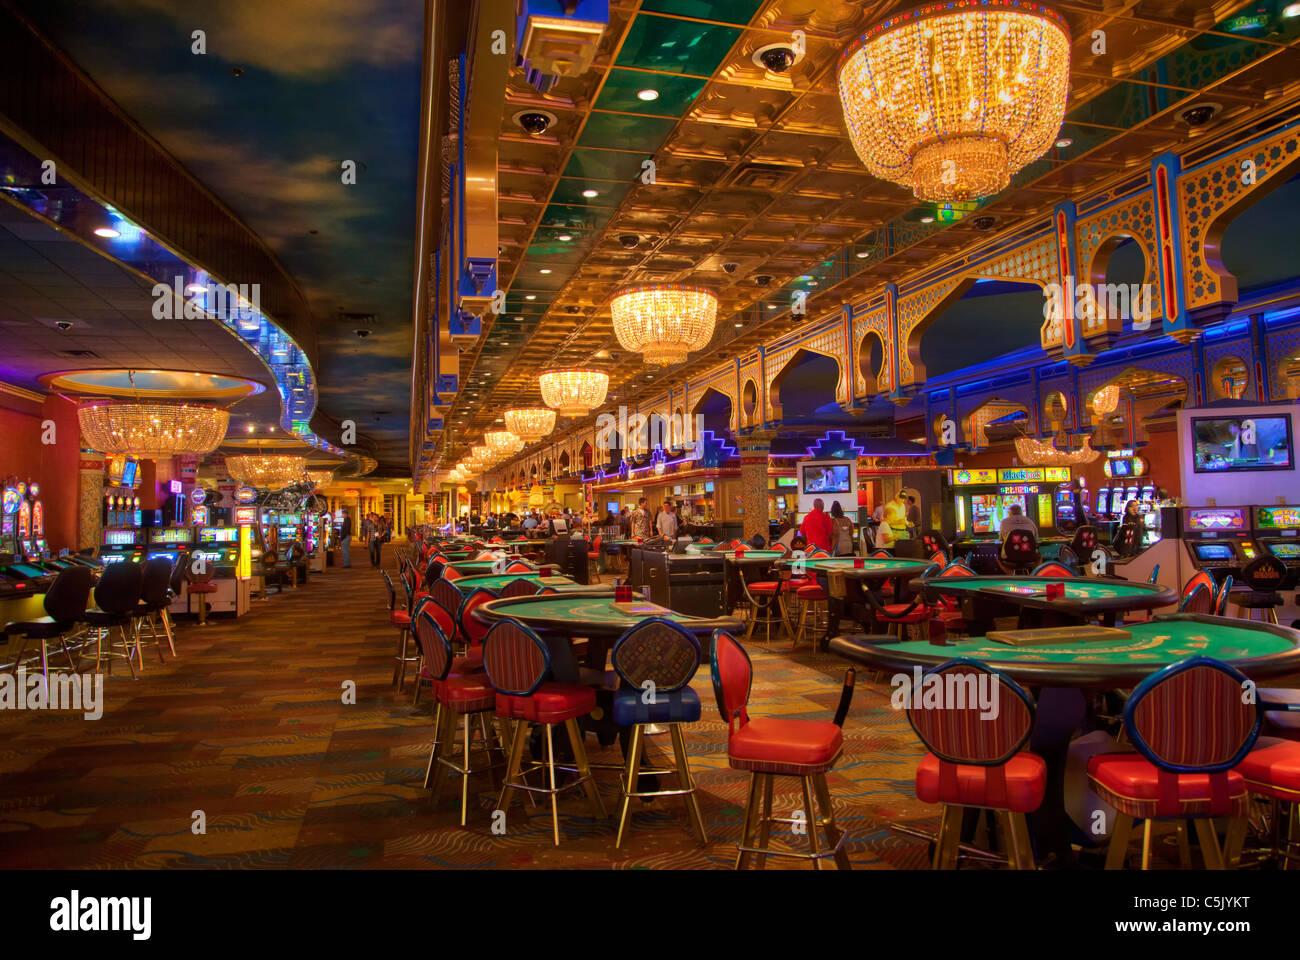 The Sahara Las Vegas